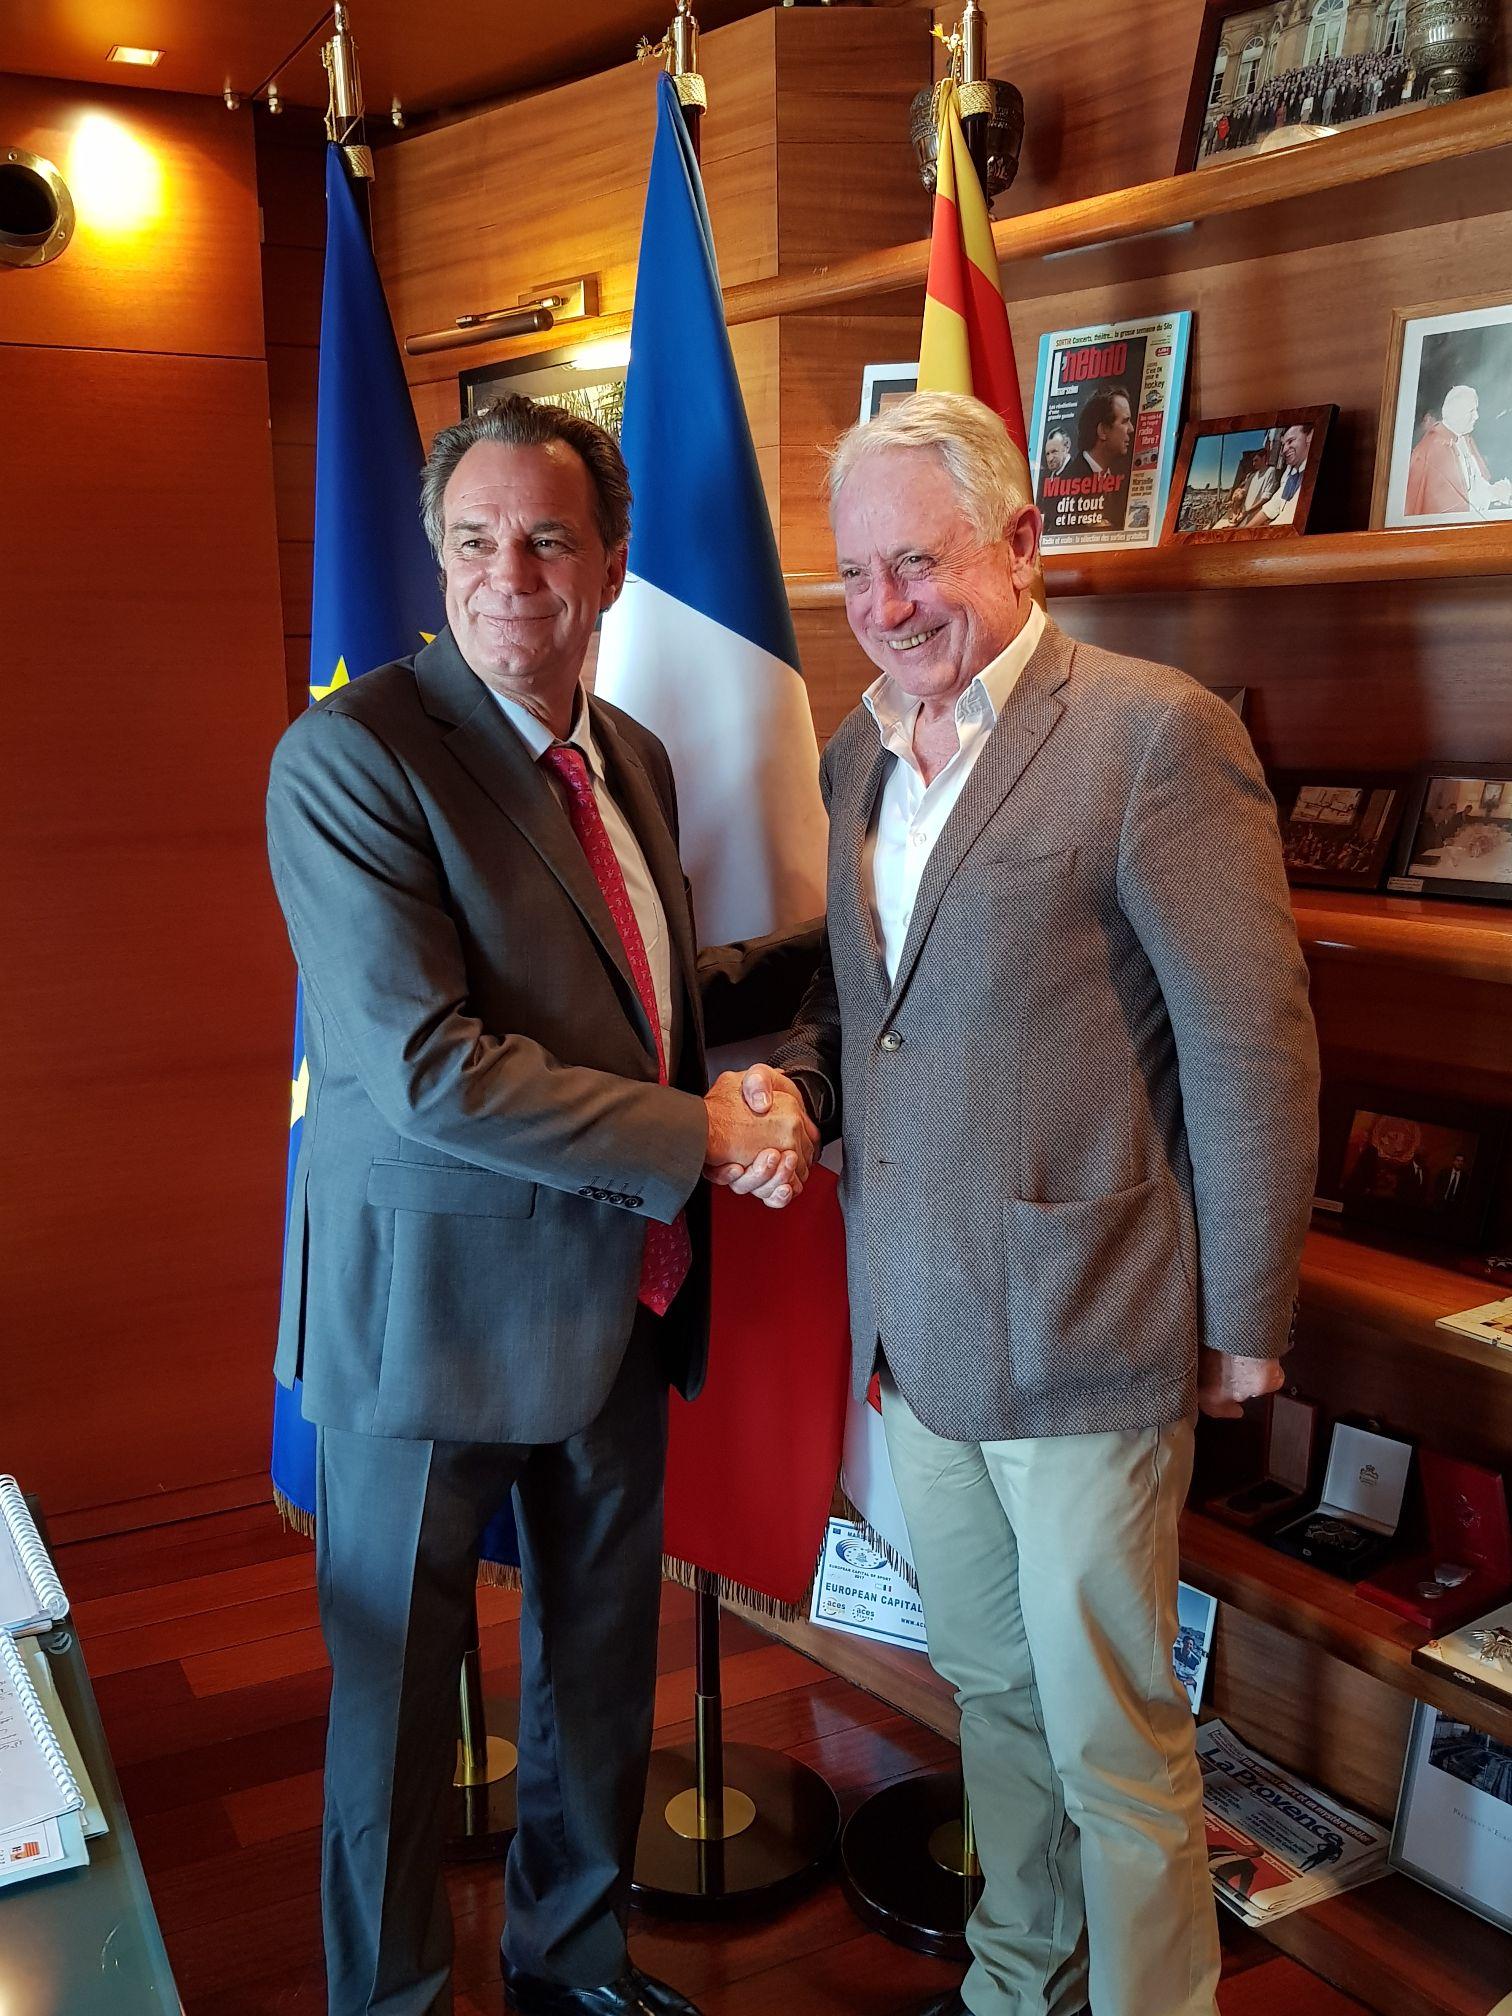 Echanges constructifs entre Gérard FROMM et Renaud MUSELIER 1